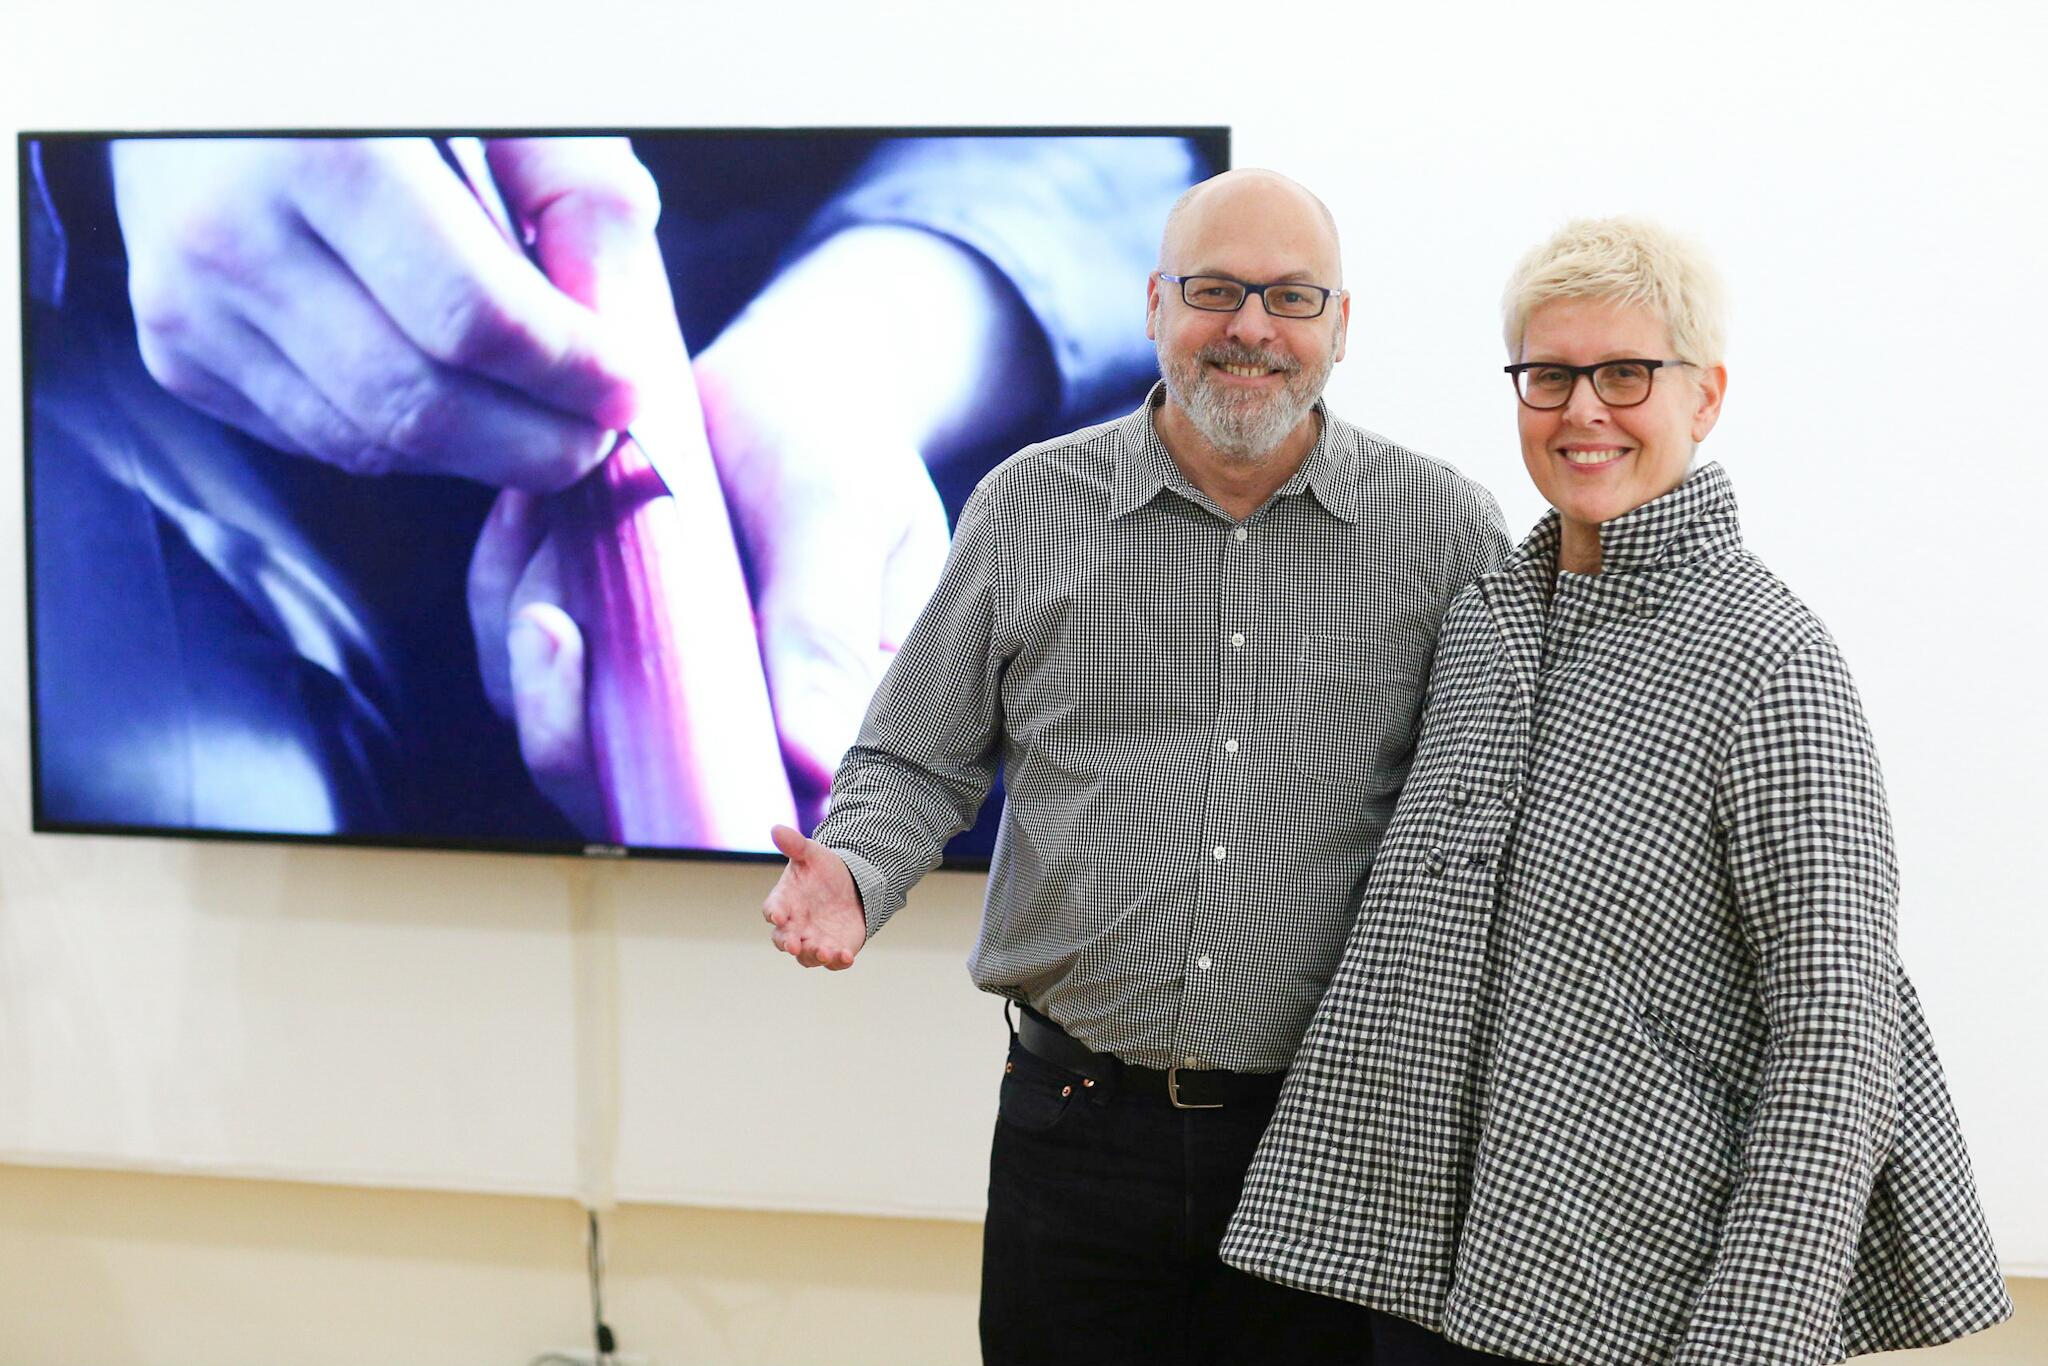 M. Schwartz (CEO) & T. Charney (Founder ZAZ)